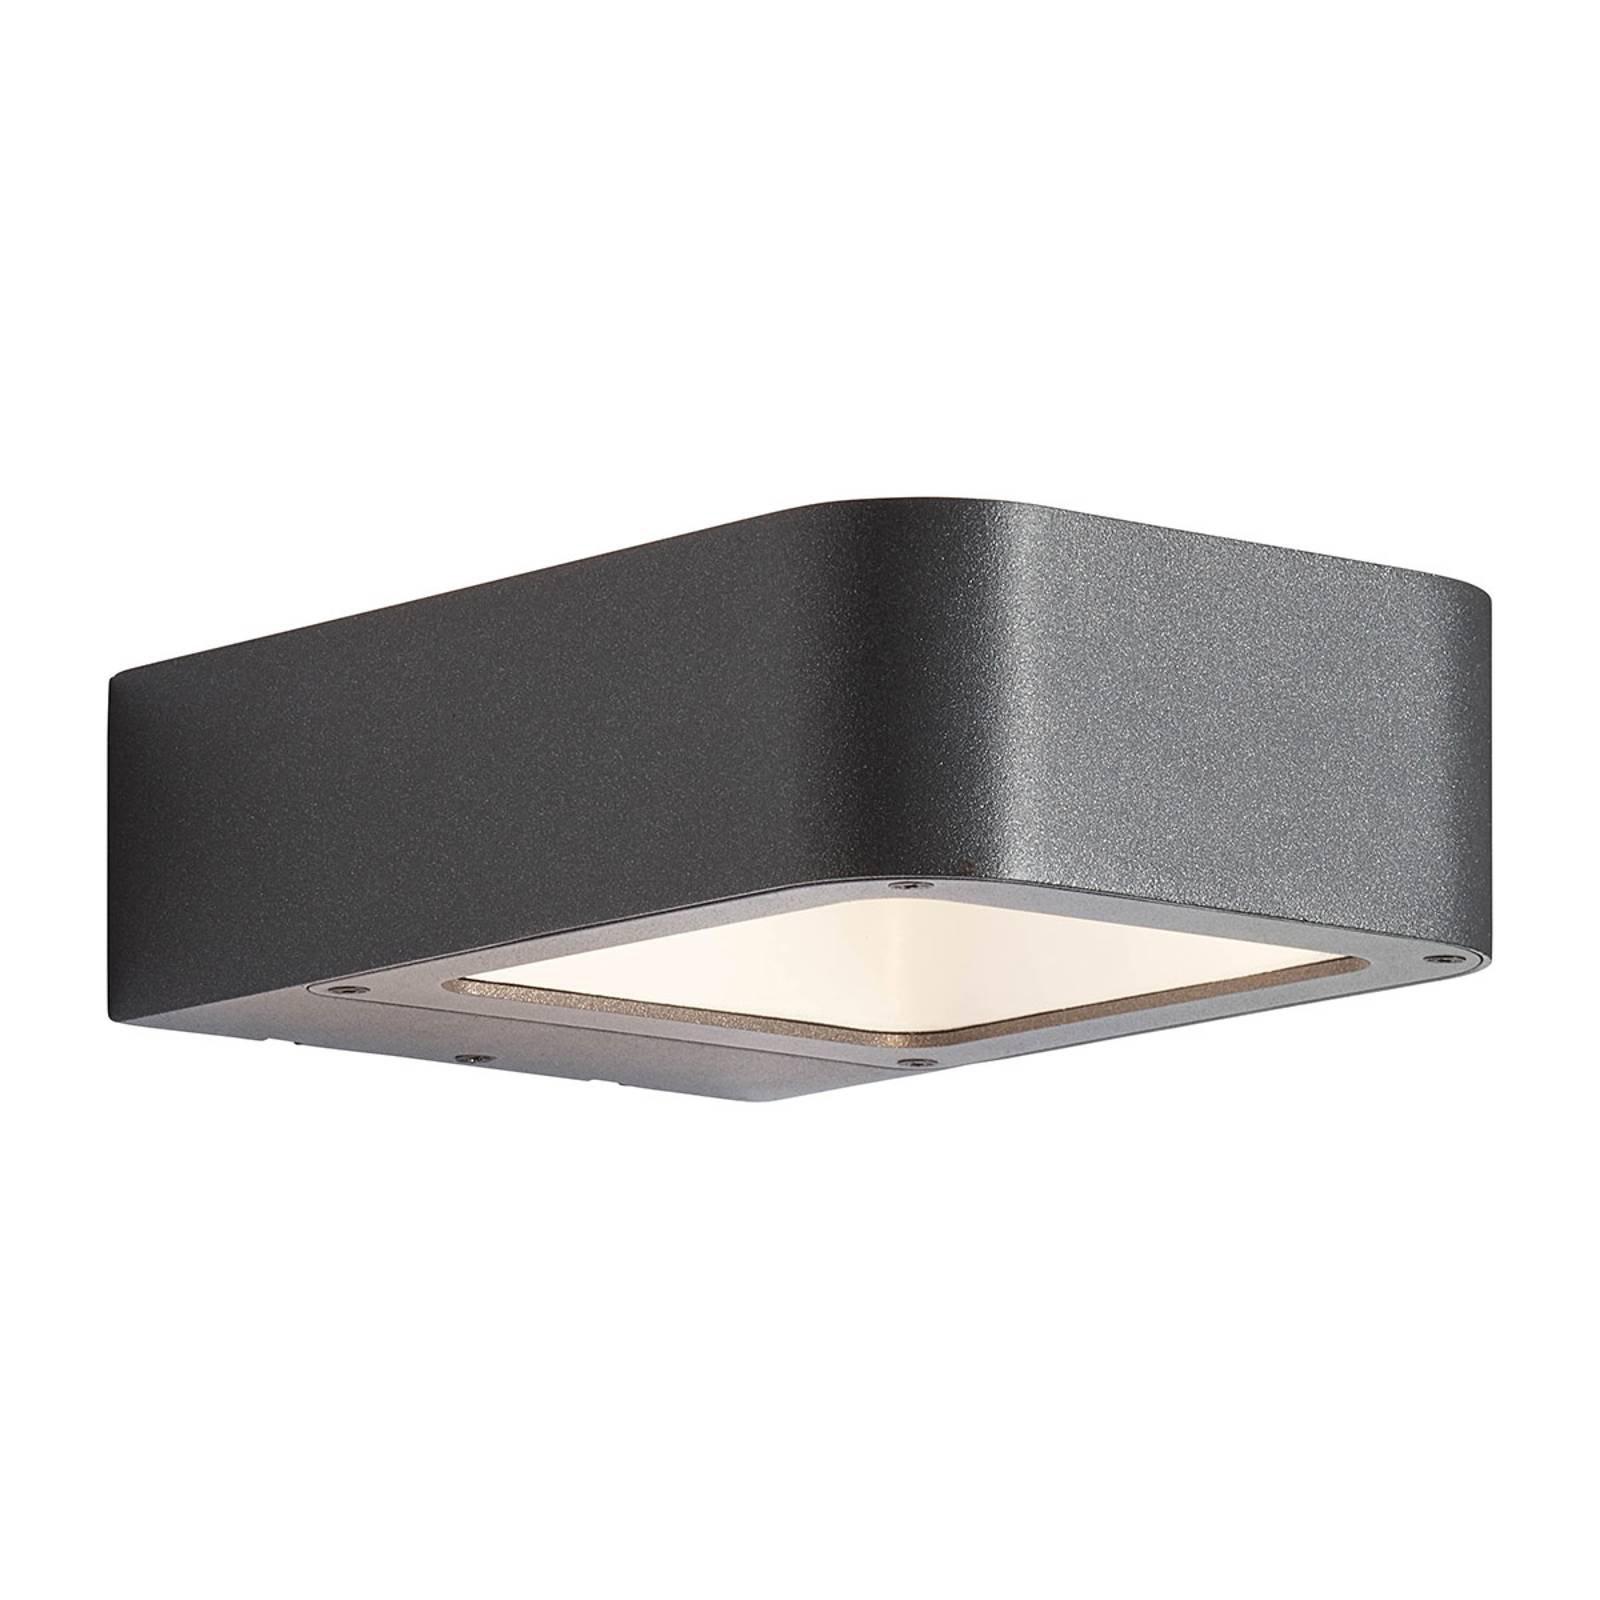 AEG Phelia utendørs LED-vegglampe